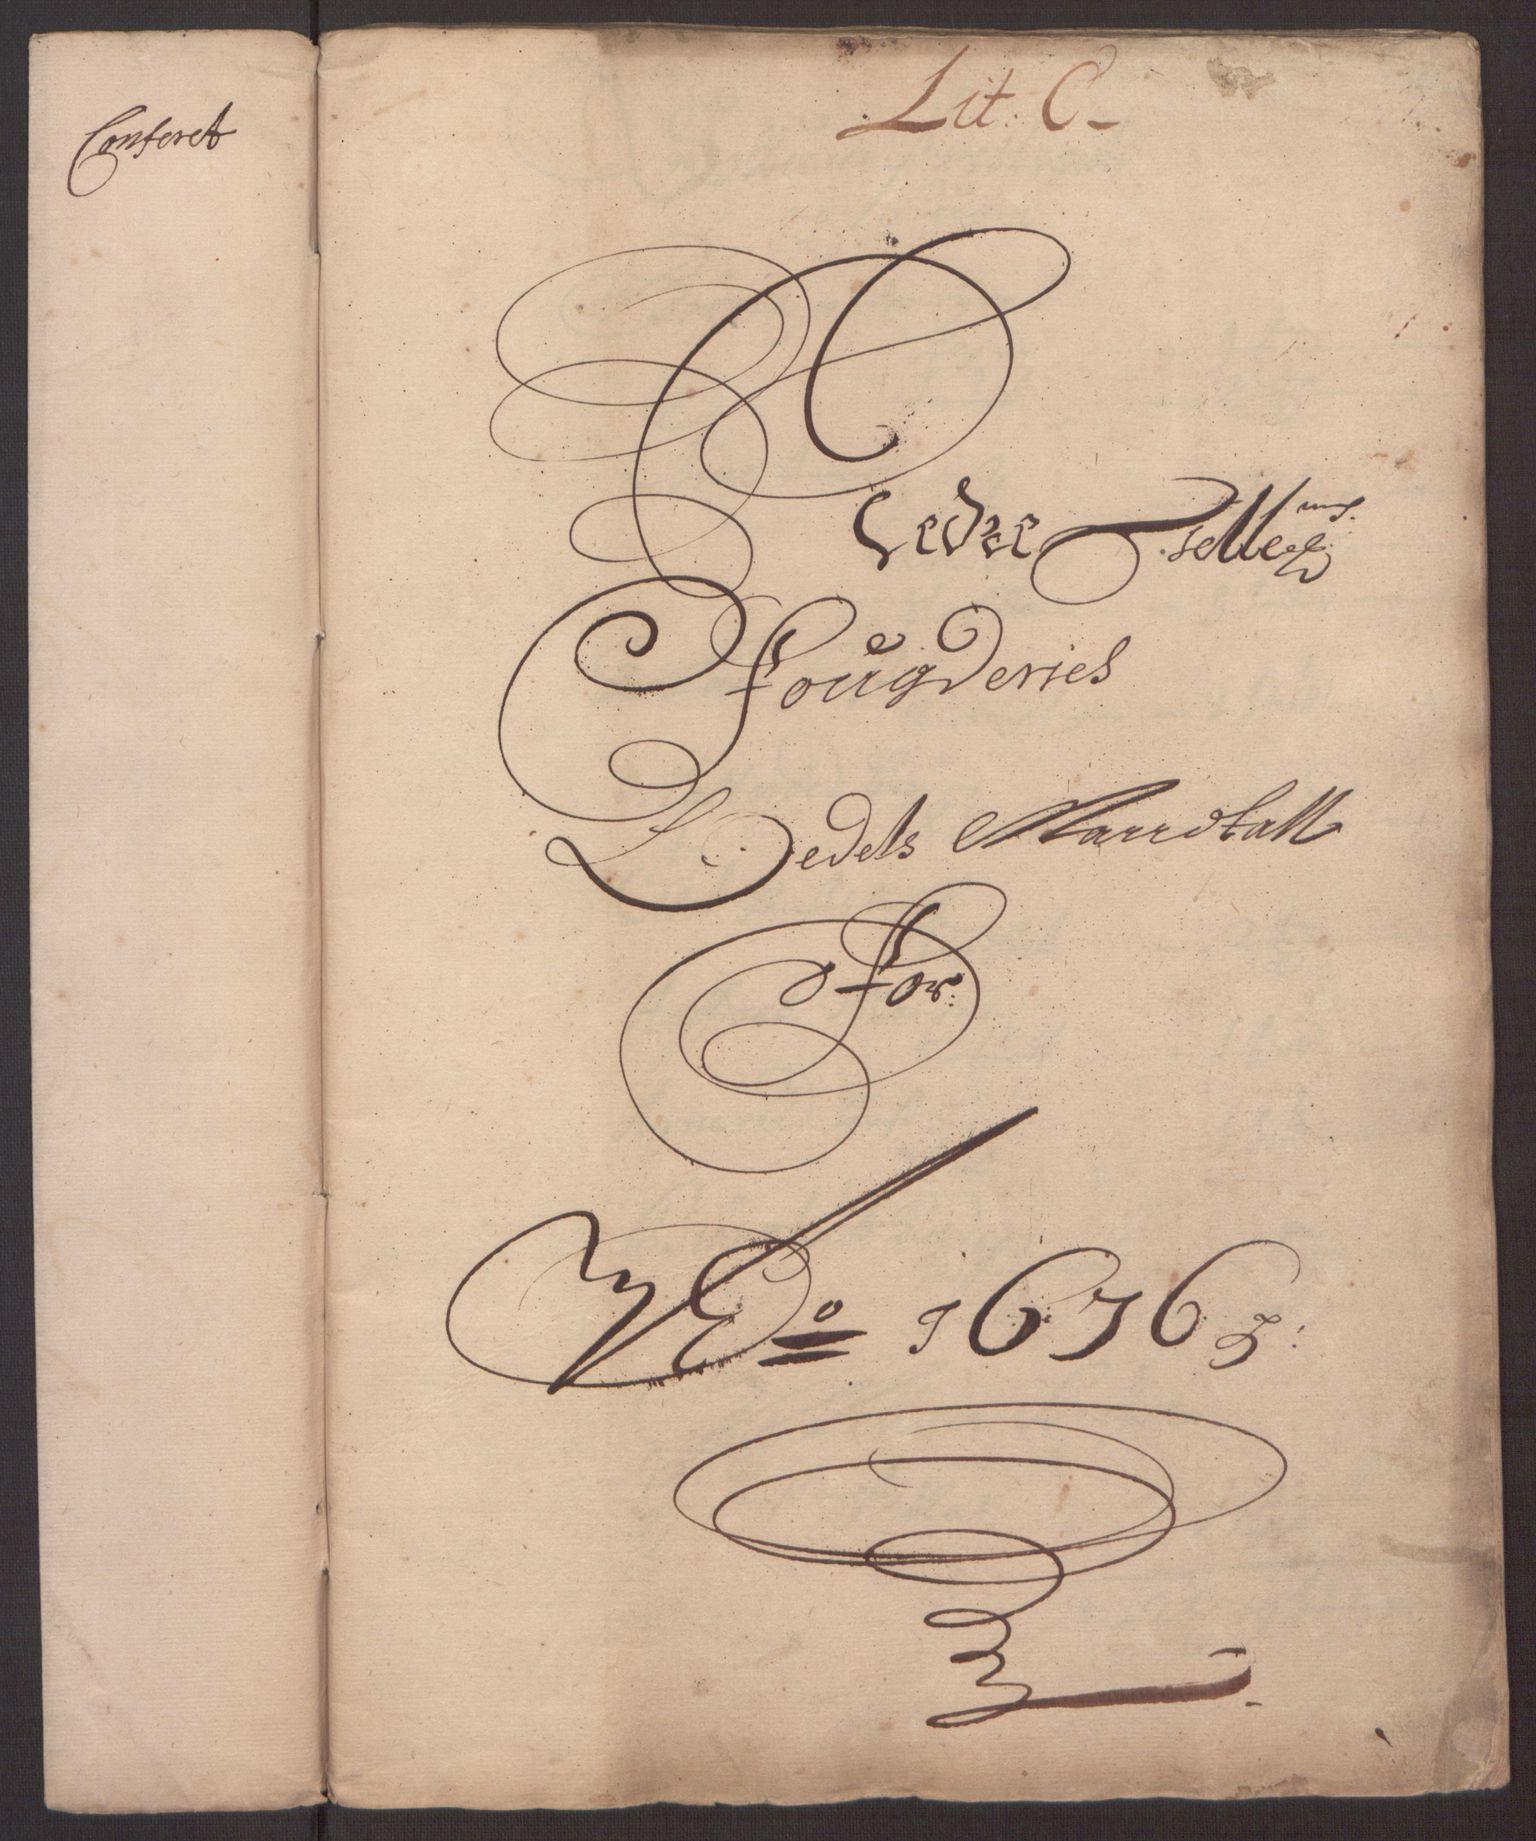 RA, Rentekammeret inntil 1814, Reviderte regnskaper, Fogderegnskap, R35/L2066: Fogderegnskap Øvre og Nedre Telemark, 1676, s. 39